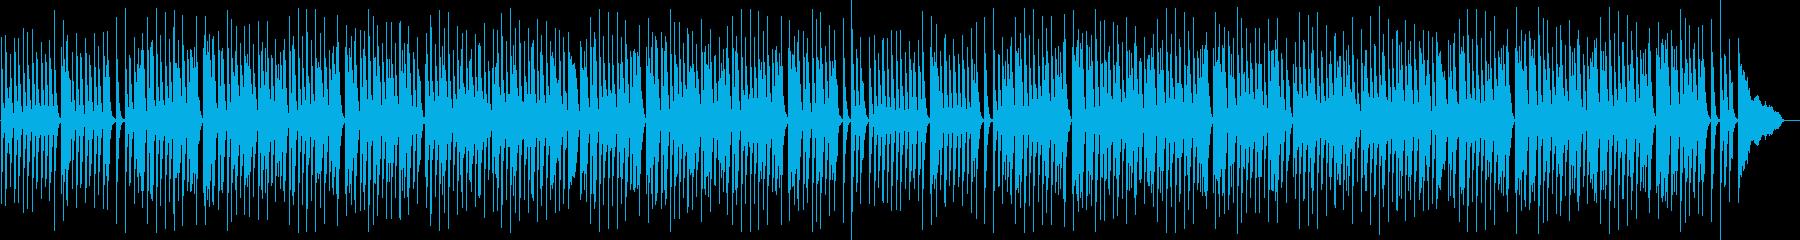 笑顔/優しい/ほっこりなピアノ楽曲の再生済みの波形